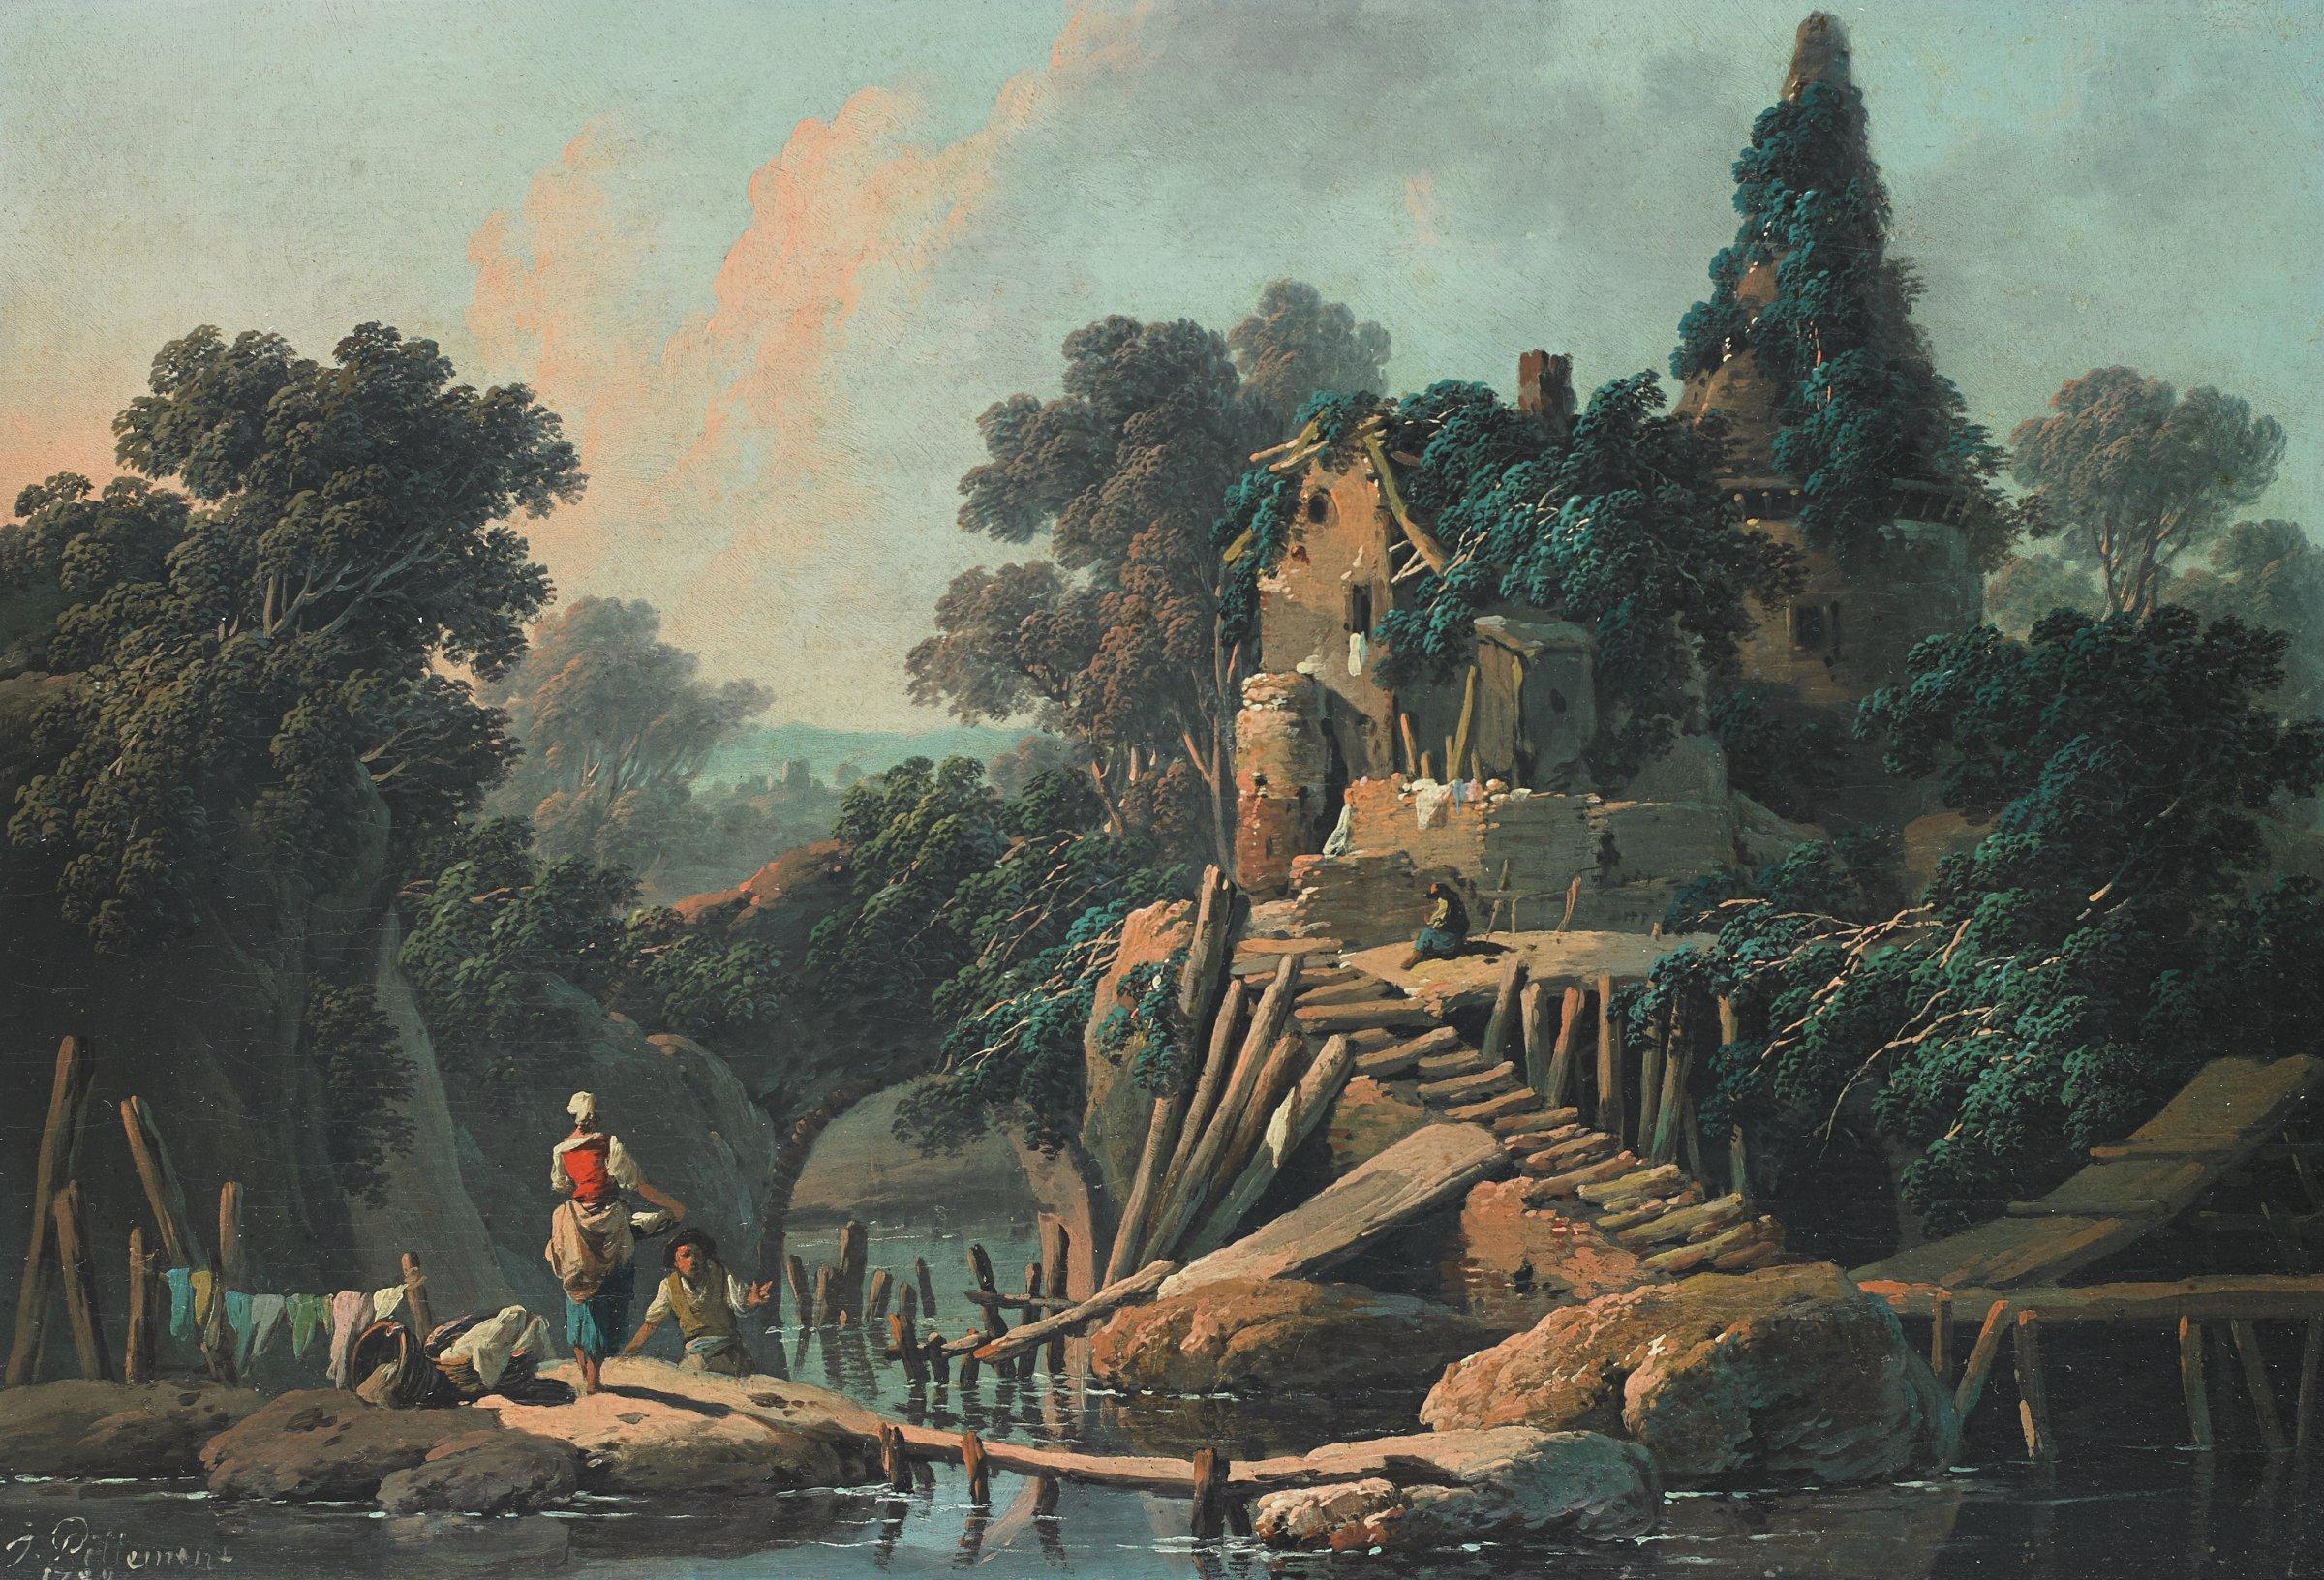 La Vielle Ferme (Pastoral Landscape), Jean Baptiste Pillement, oil on canvas